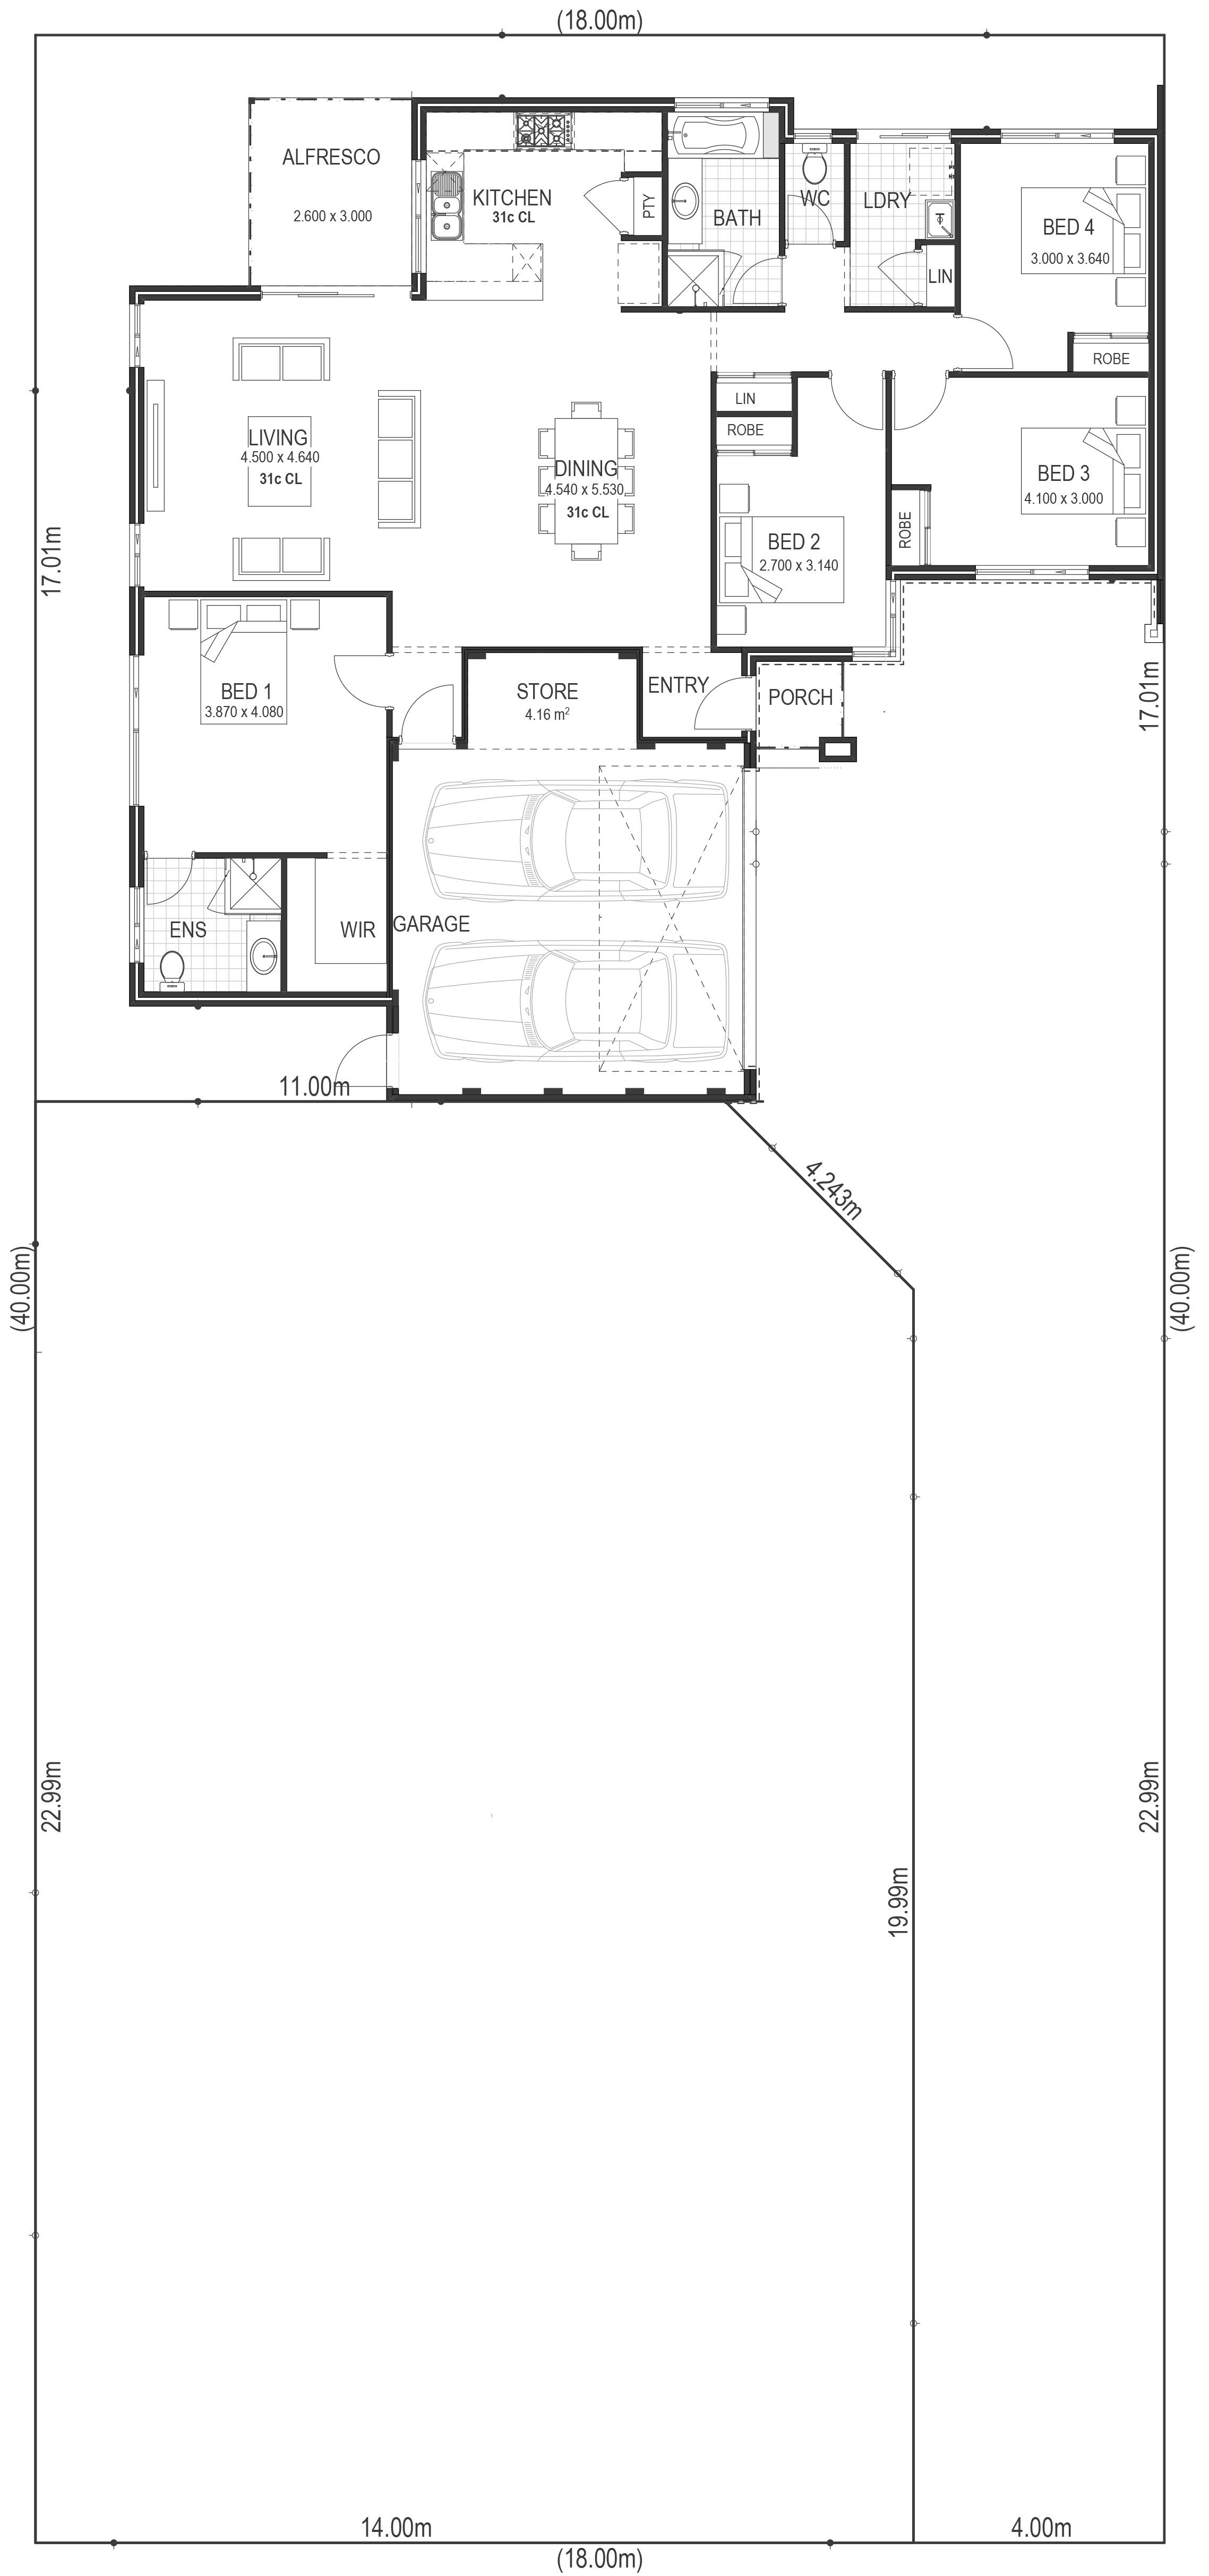 house behind house floorplan sample